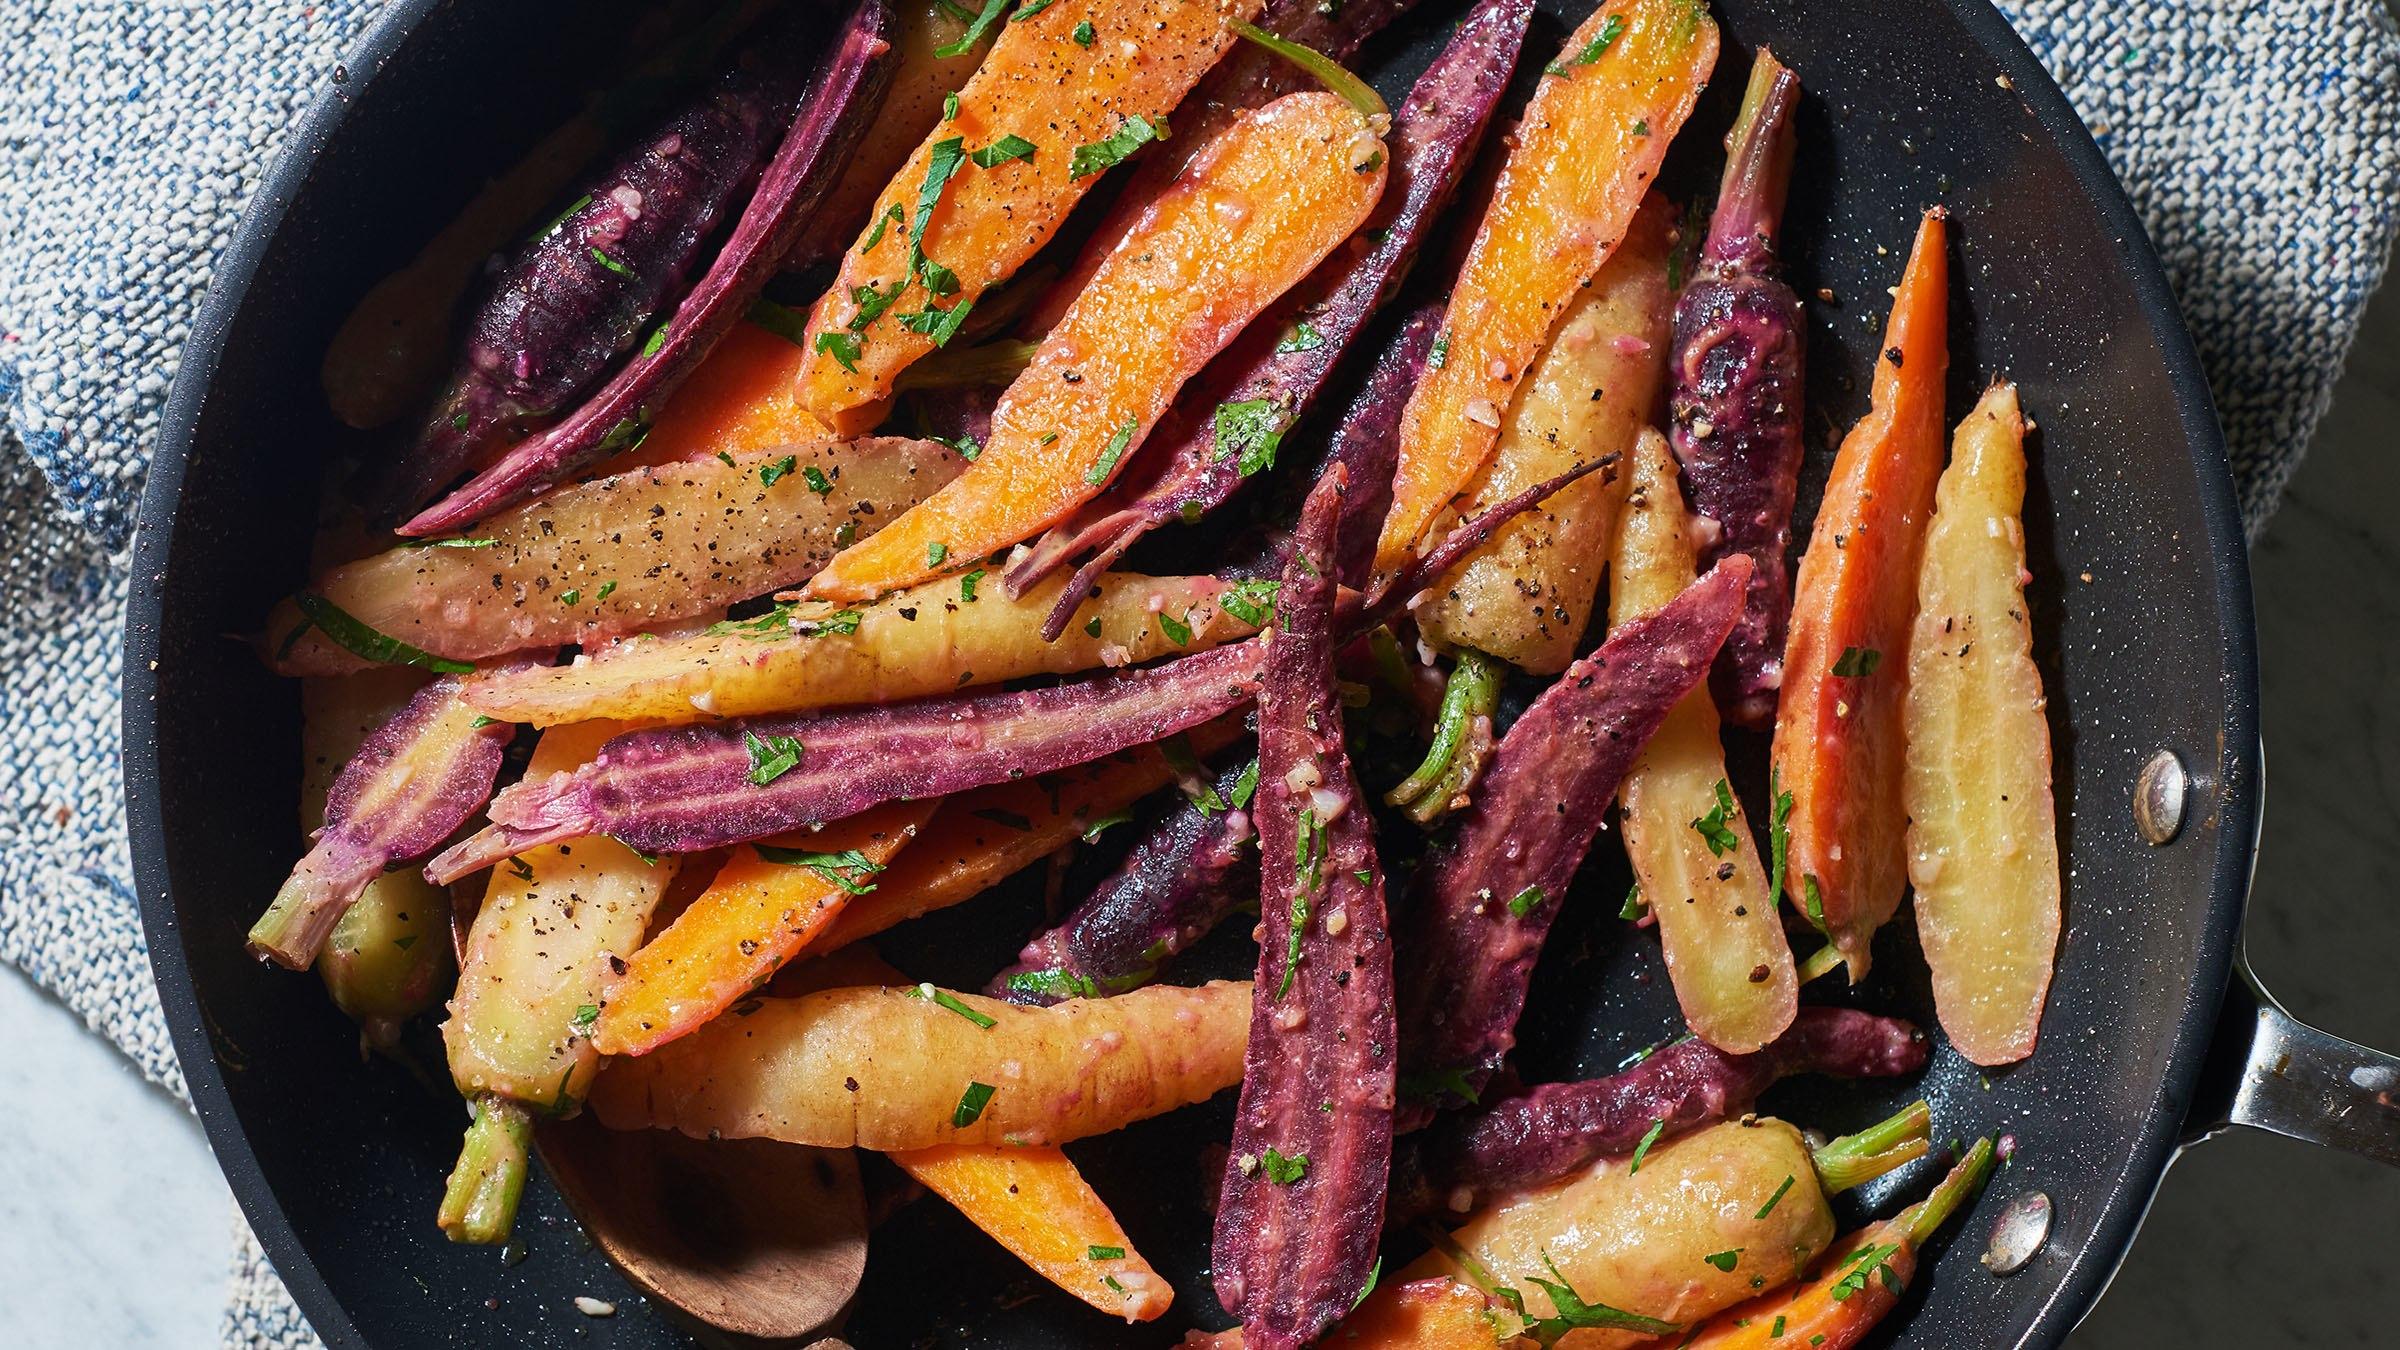 Zanahorias con miel y mostaza Dijon